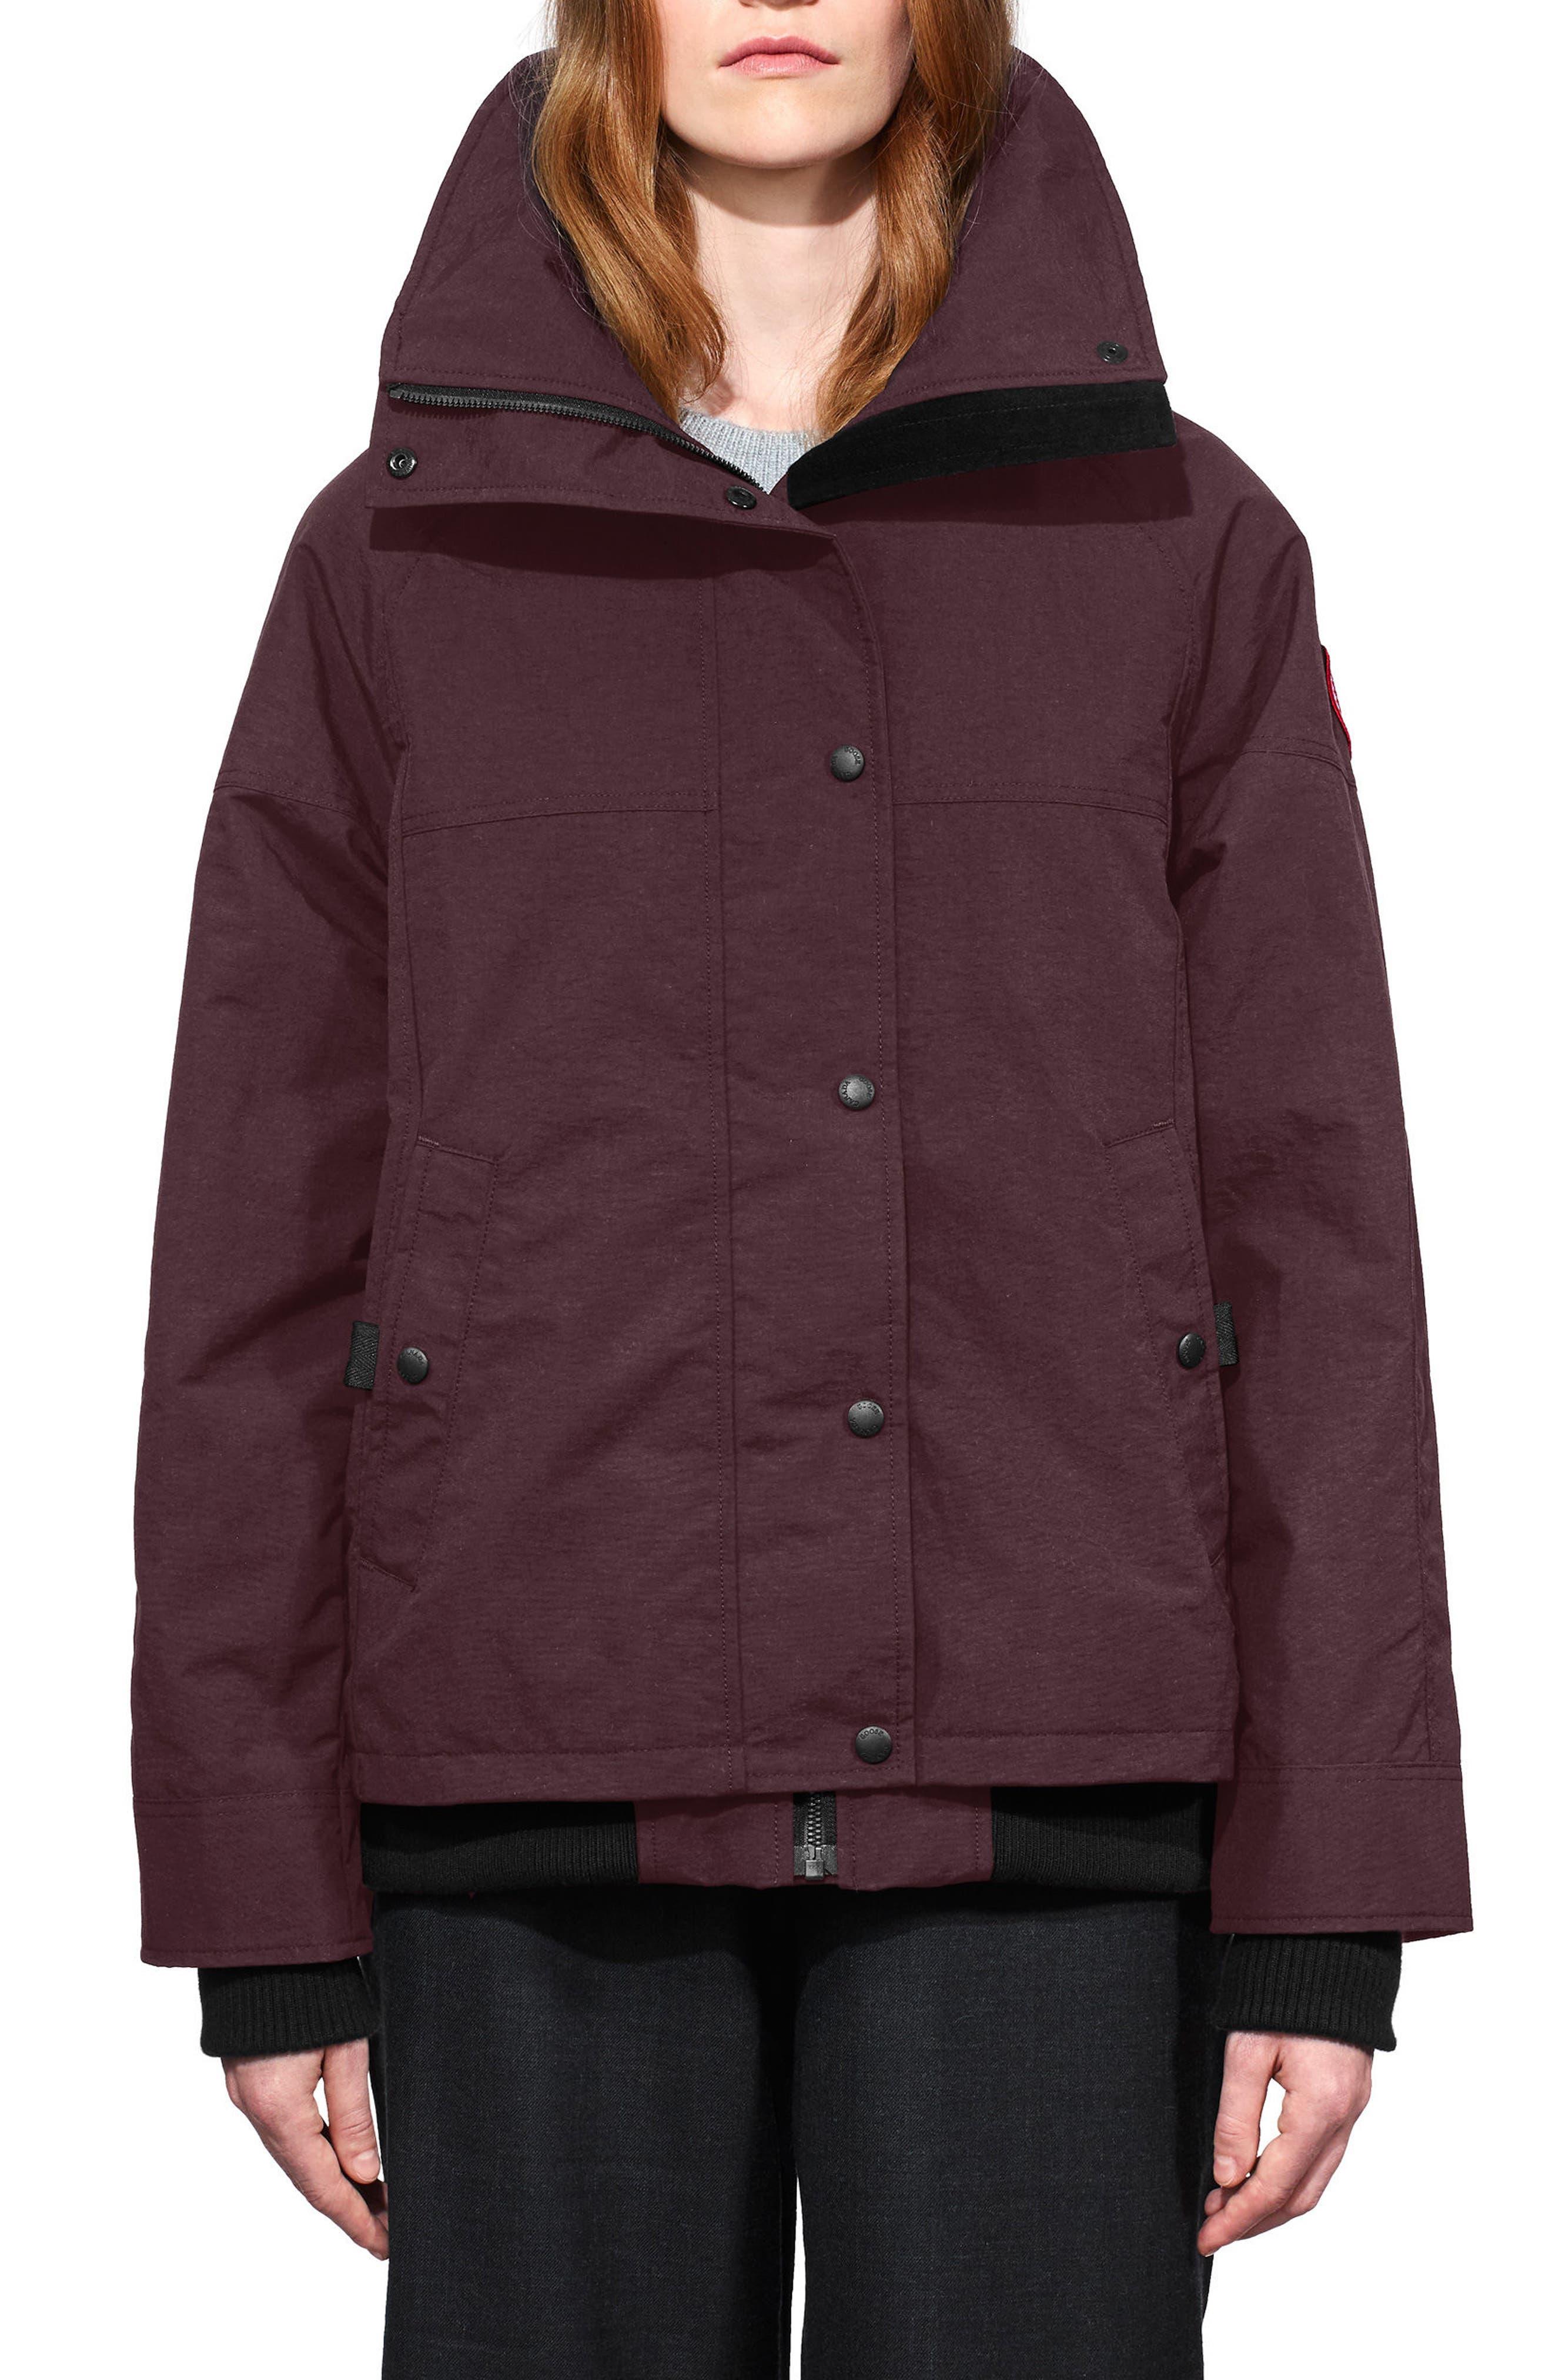 Chinook Jacket,                             Main thumbnail 1, color,                             Wellington Grape